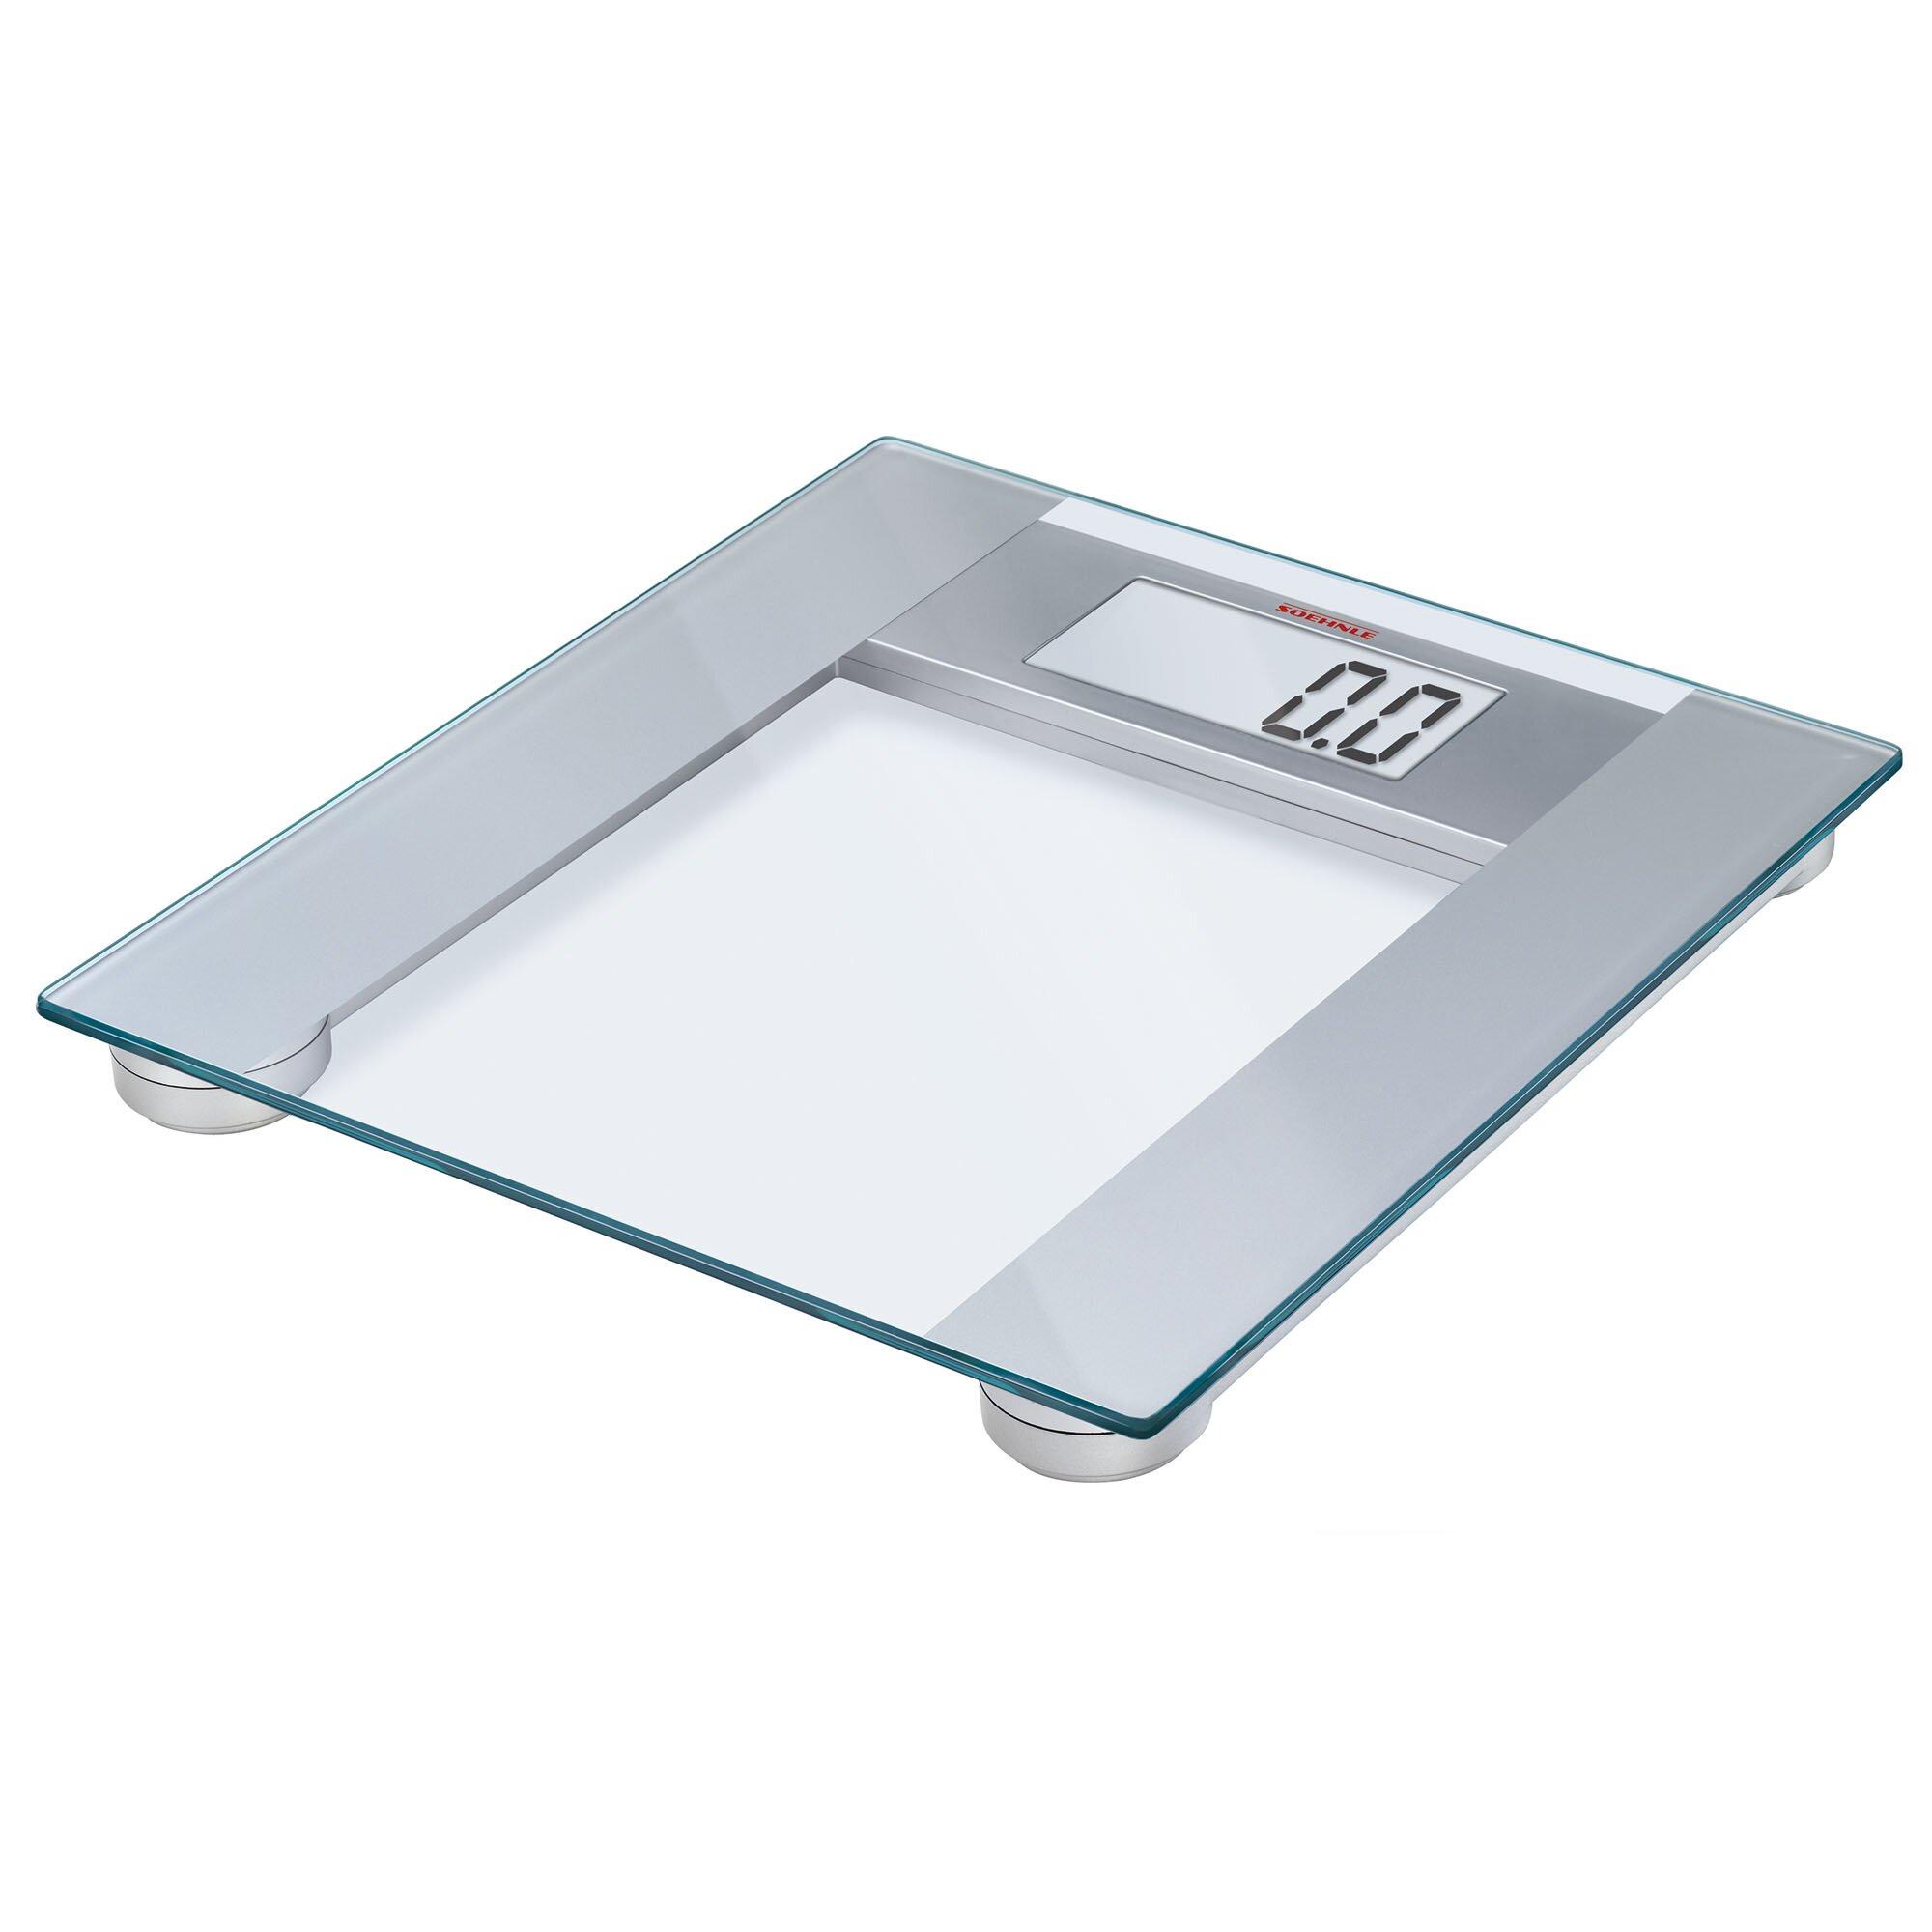 Digital Bathroom Scales For Sale: Soehnle Pharo 200 Precision Digital Bathroom Scale